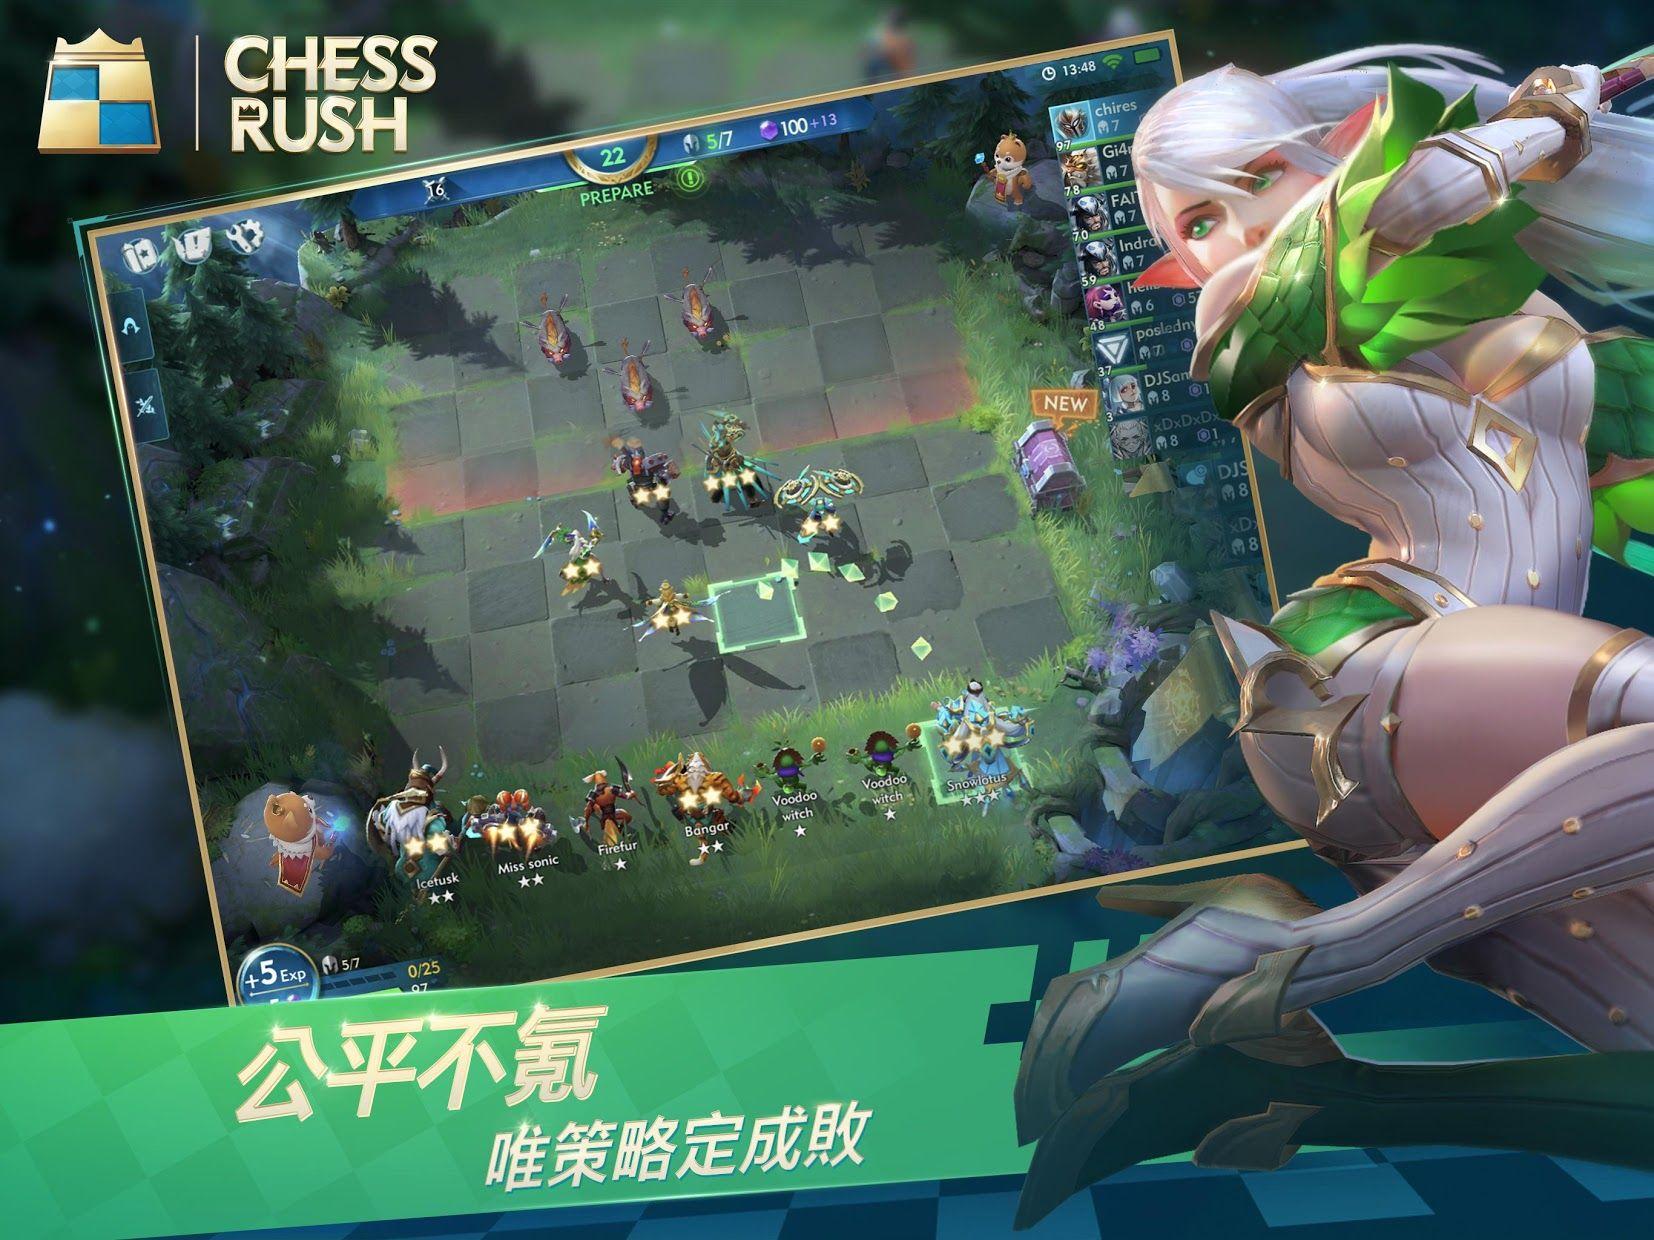 Chess Rush 游戏截图3